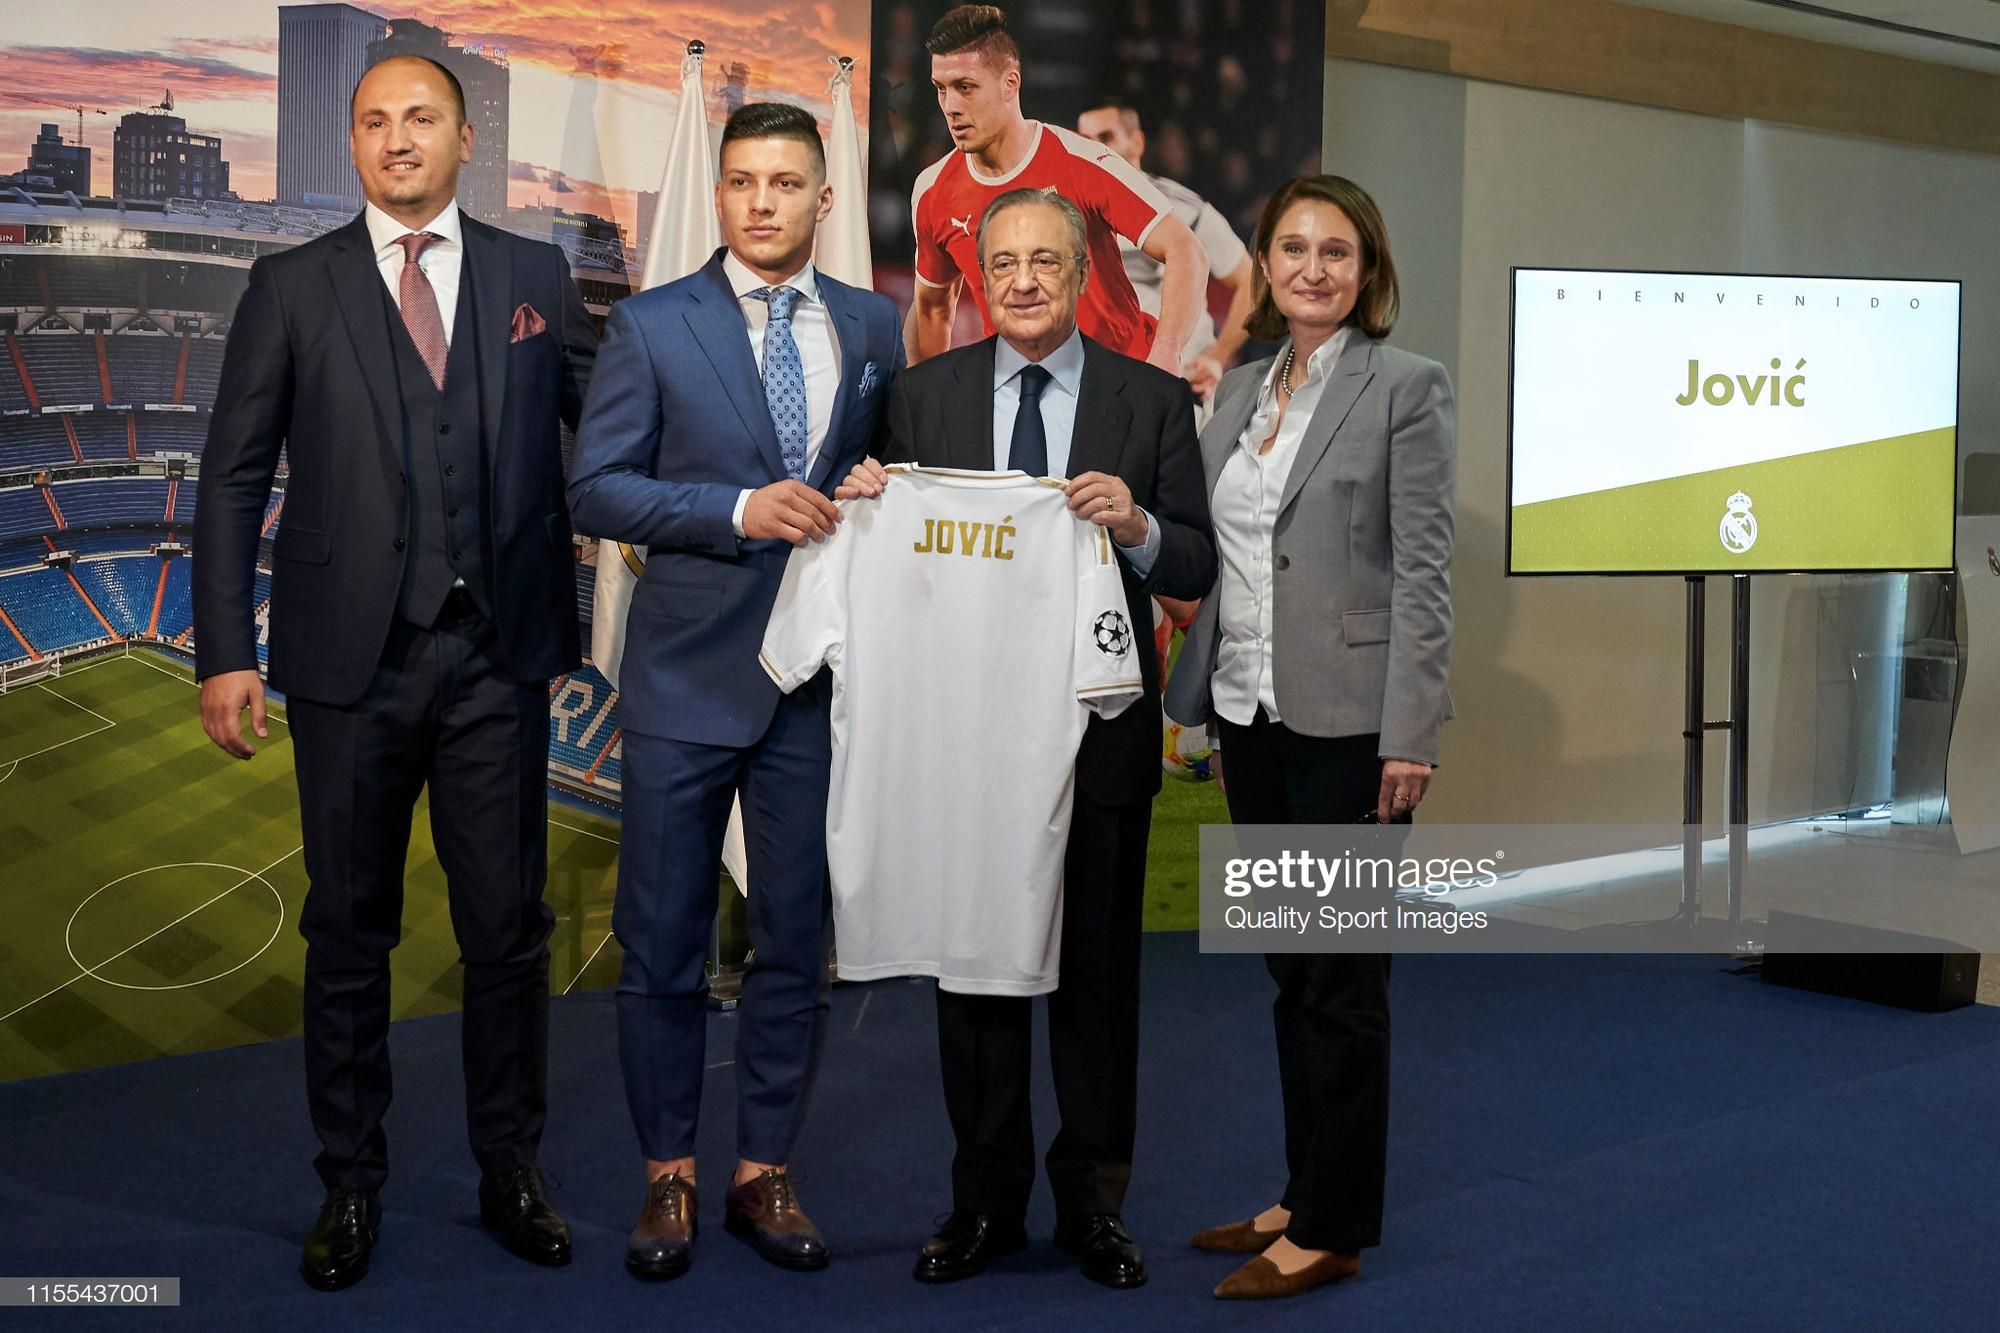 Tân binh siêu đẹp trai trị giá 1.600 tỷ VNĐ của Real Madrid ra mắt khán giả với khuôn mặt lạnh như tiền - Ảnh 5.